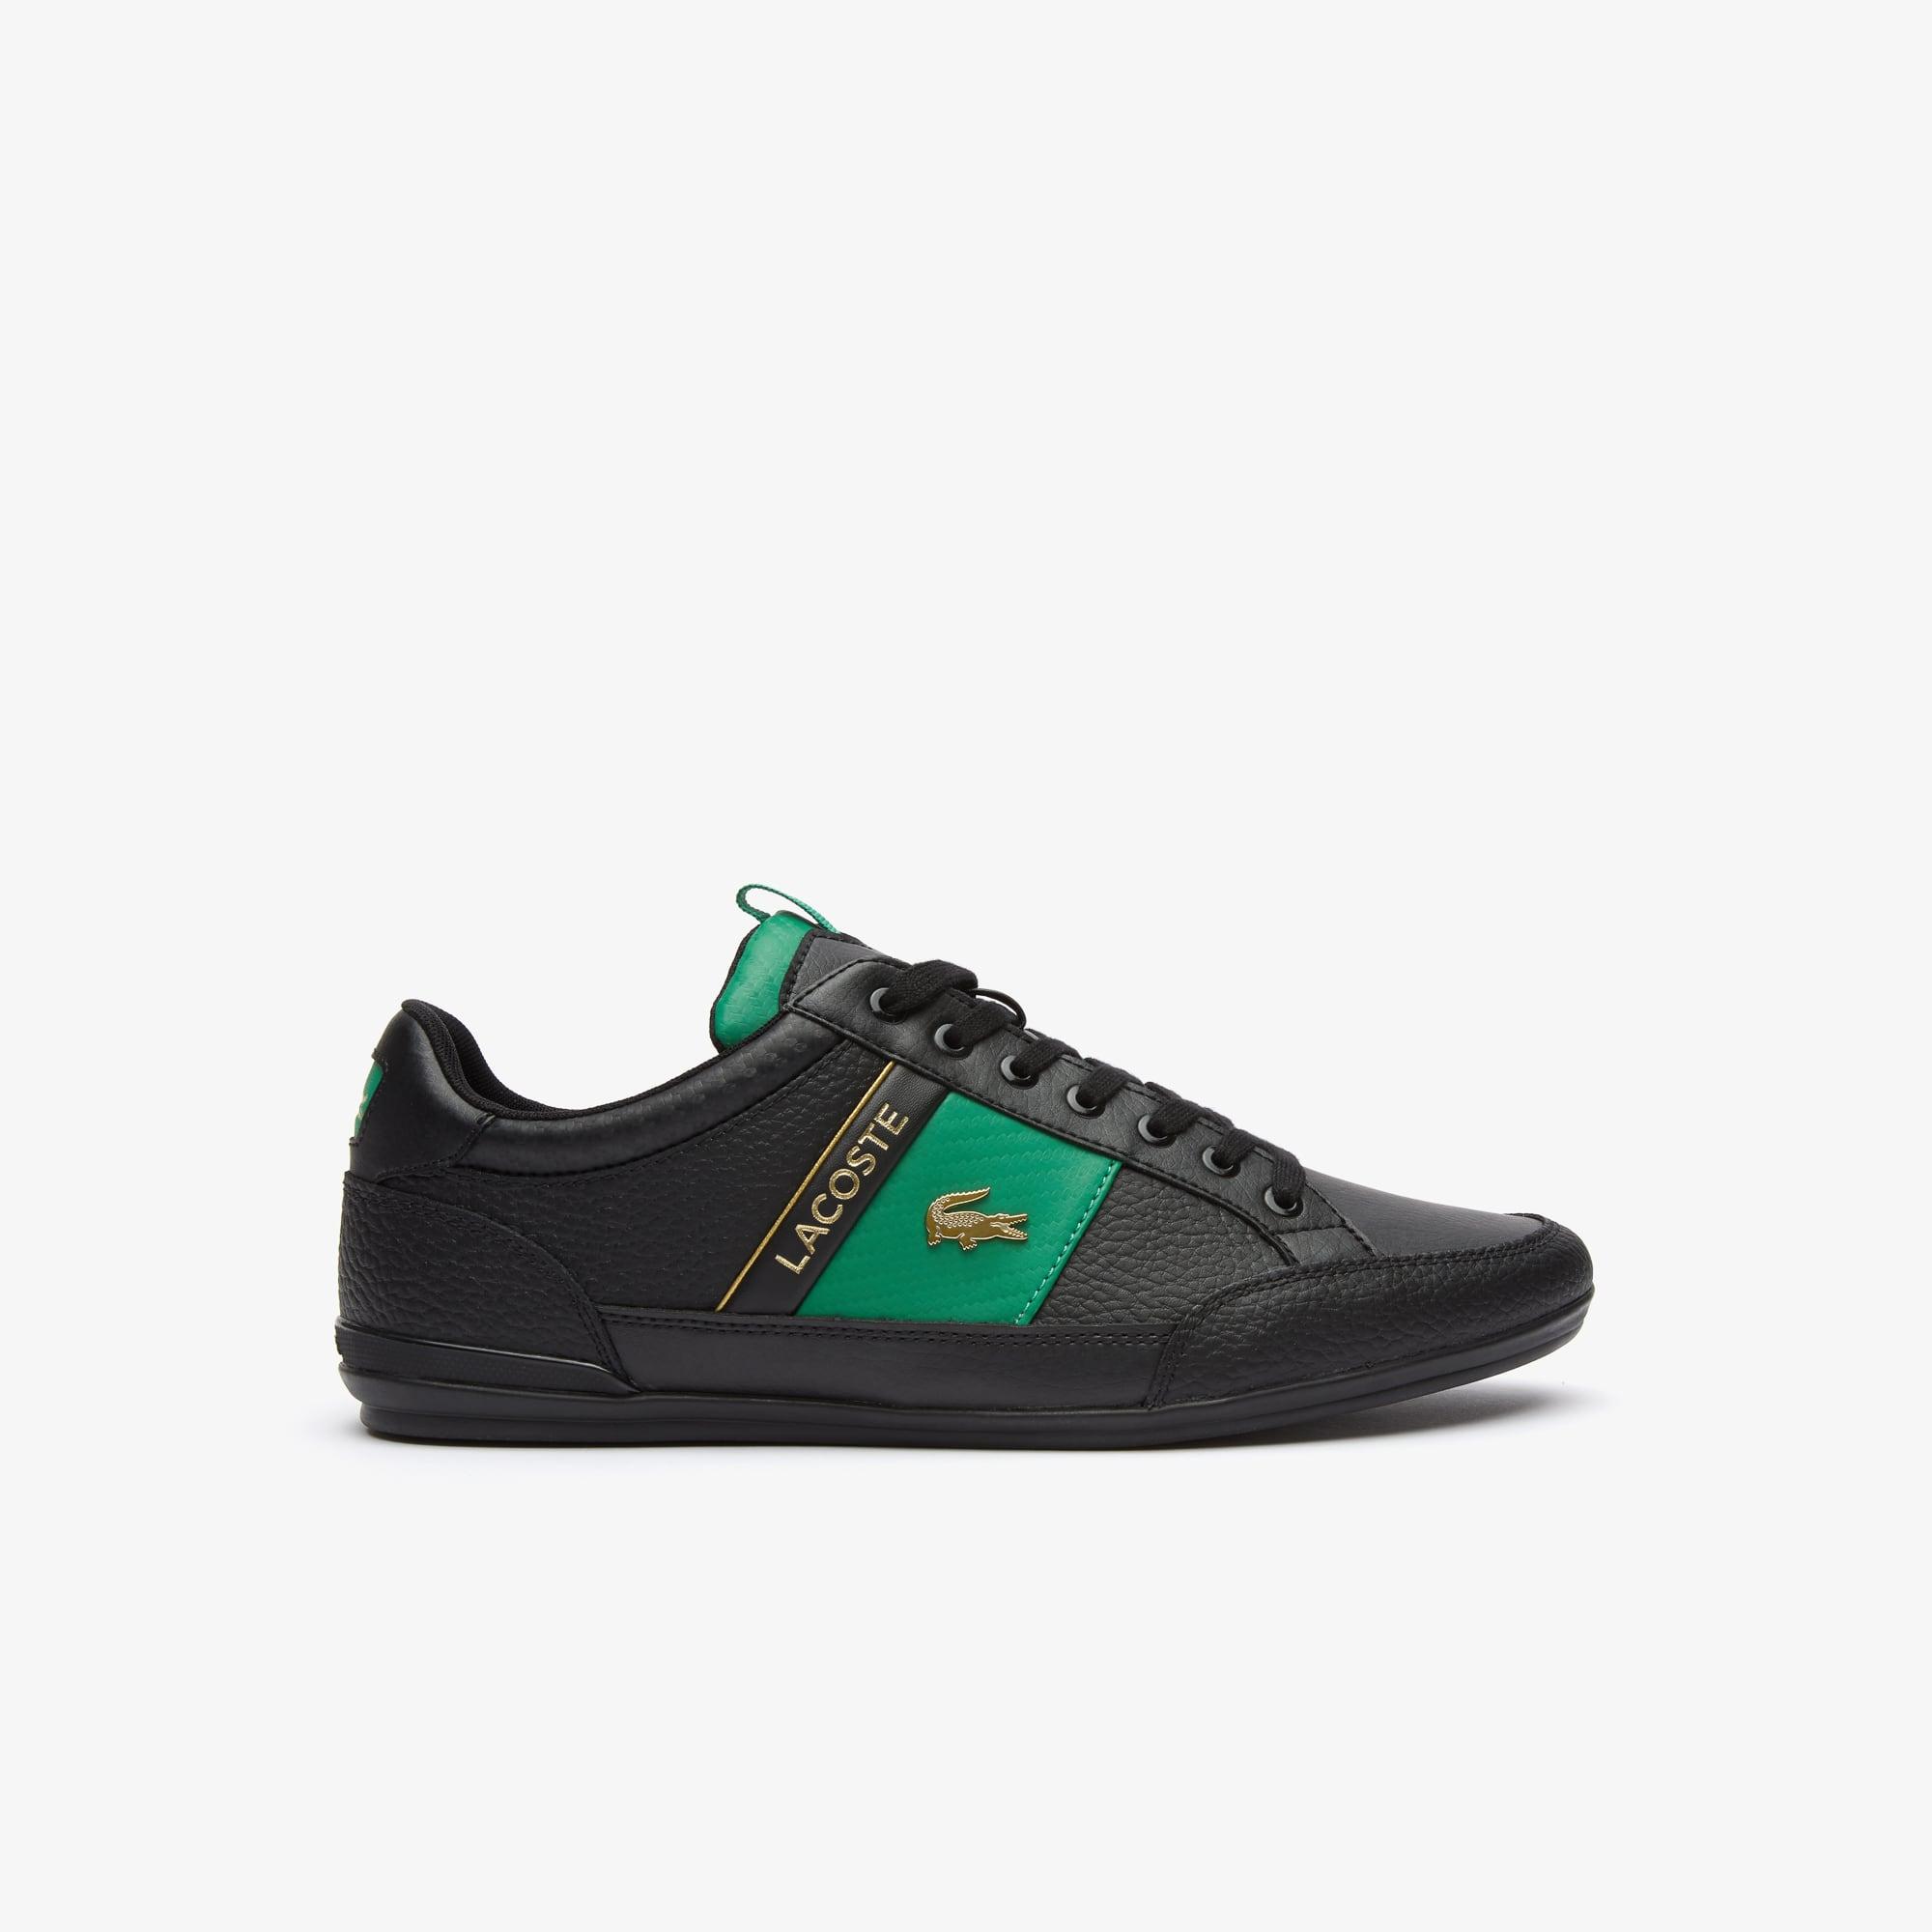 라코스테 차이먼 스니커즈 - 2 컬러 Lacoste Mens Chaymon Leather and Carbon Fibre Trainers